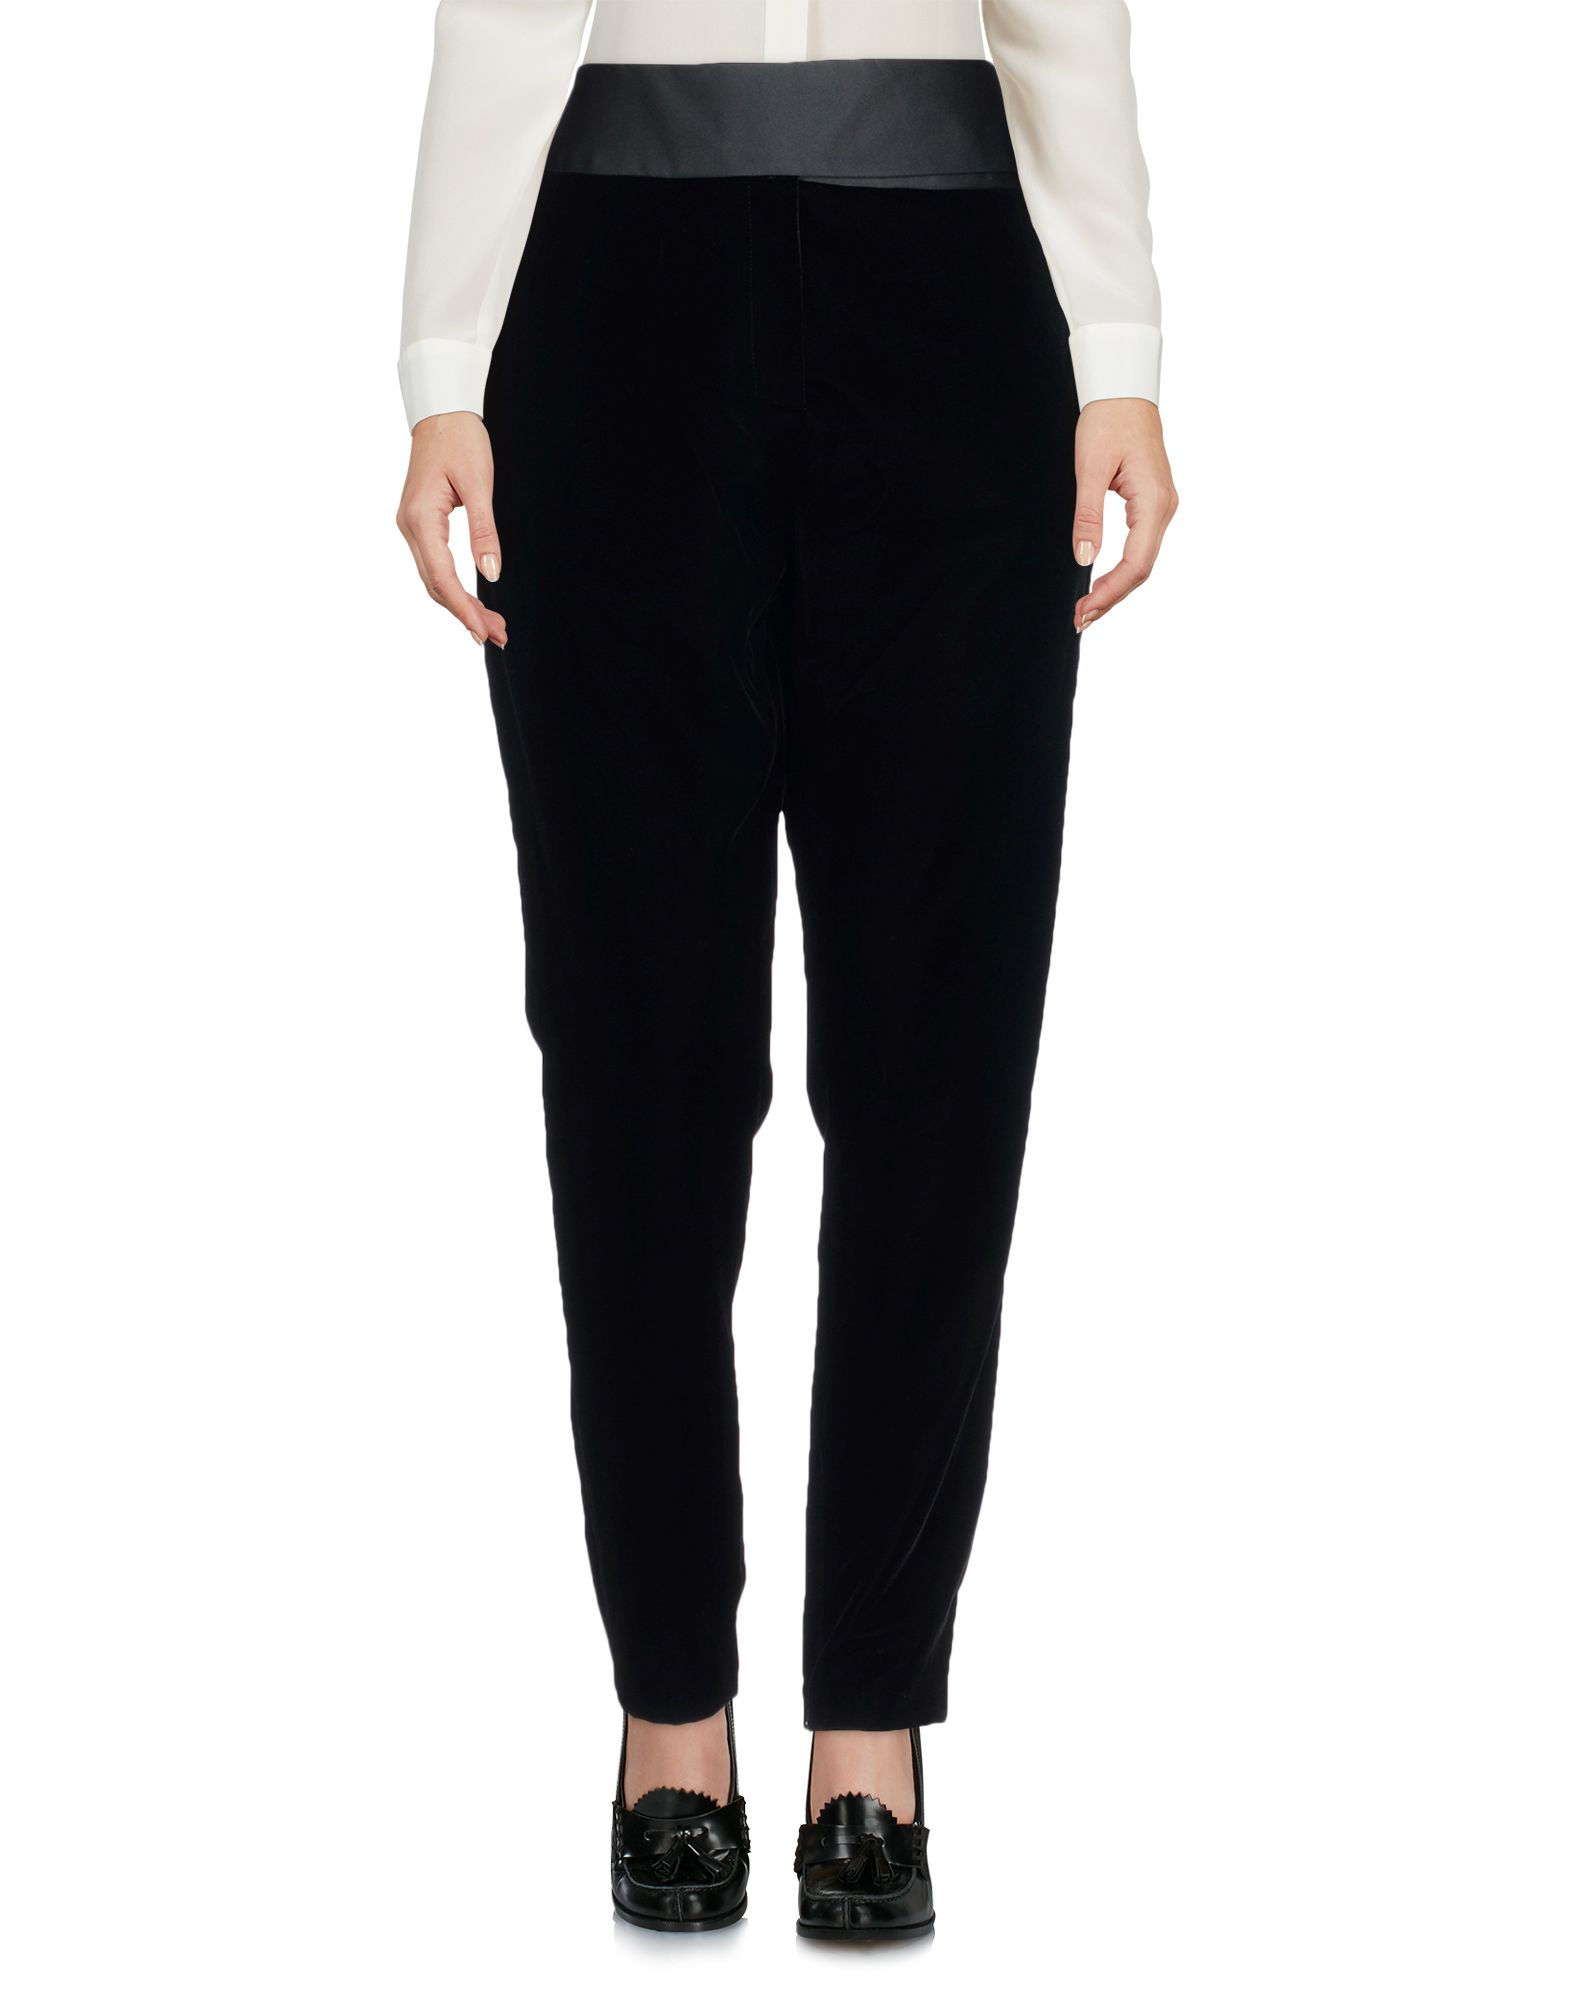 ALEXANDRE VAUTHIER Повседневные брюки мэн траск шведские кроны xk3024 случайных брюки мужских брюки корейских моды случайного хаки брюки нога 30